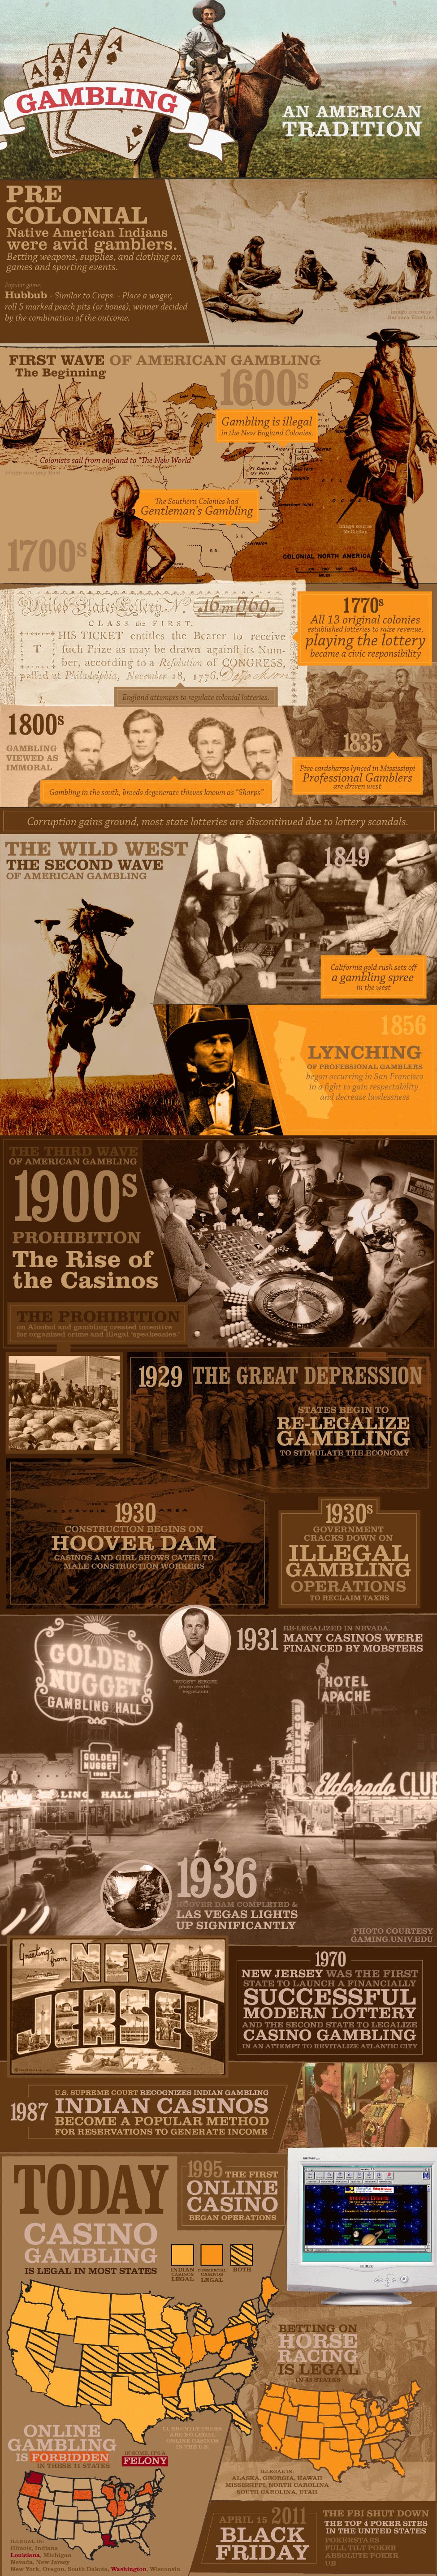 Visual History of USA Gambling